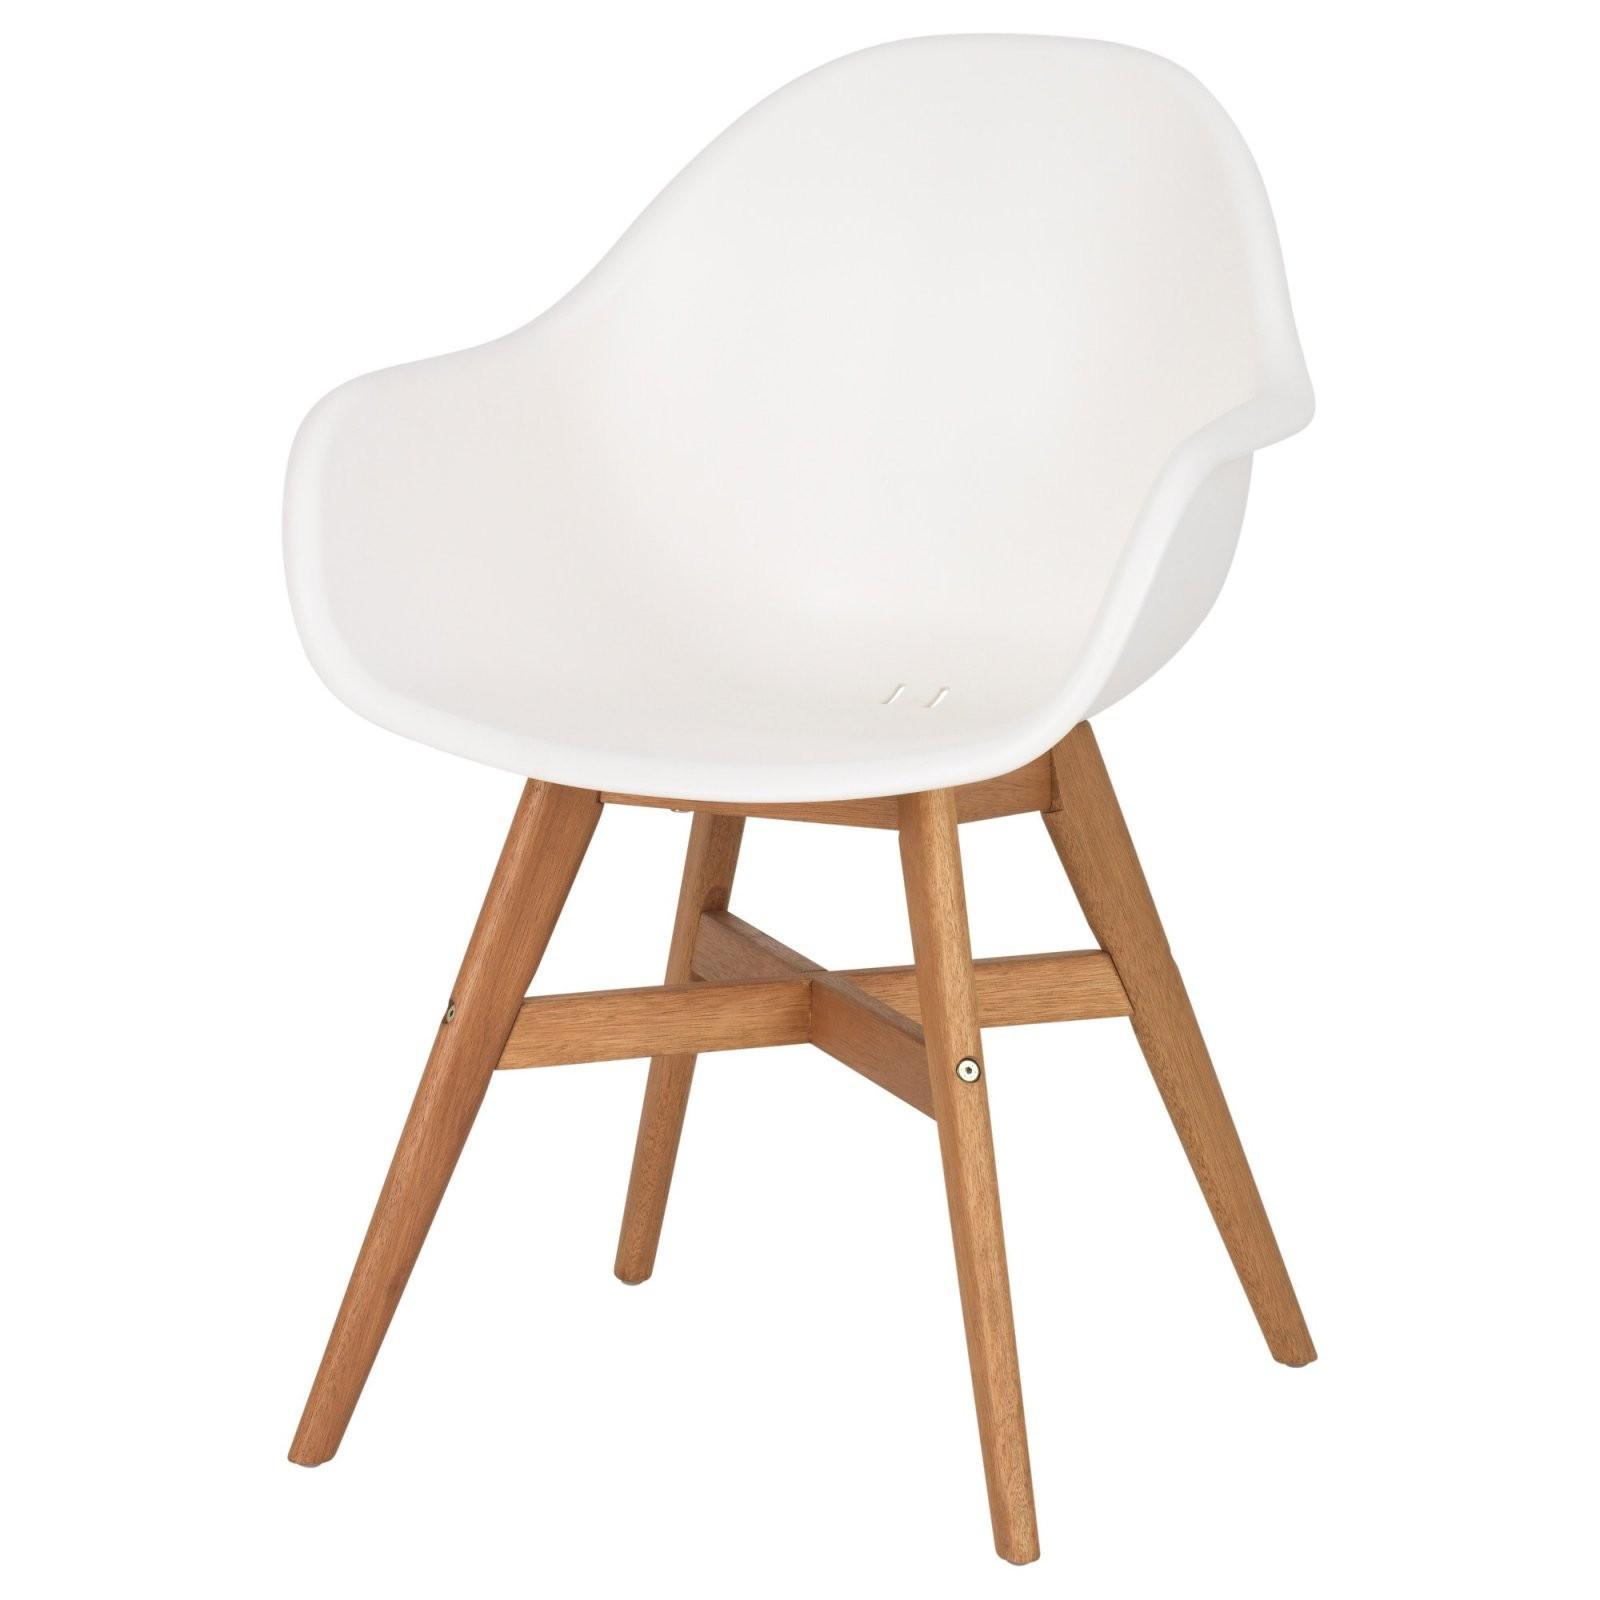 Fanbyn Armlehnstuhl  Weiß  Ikea von Ikea Stühle Mit Armlehne Bild